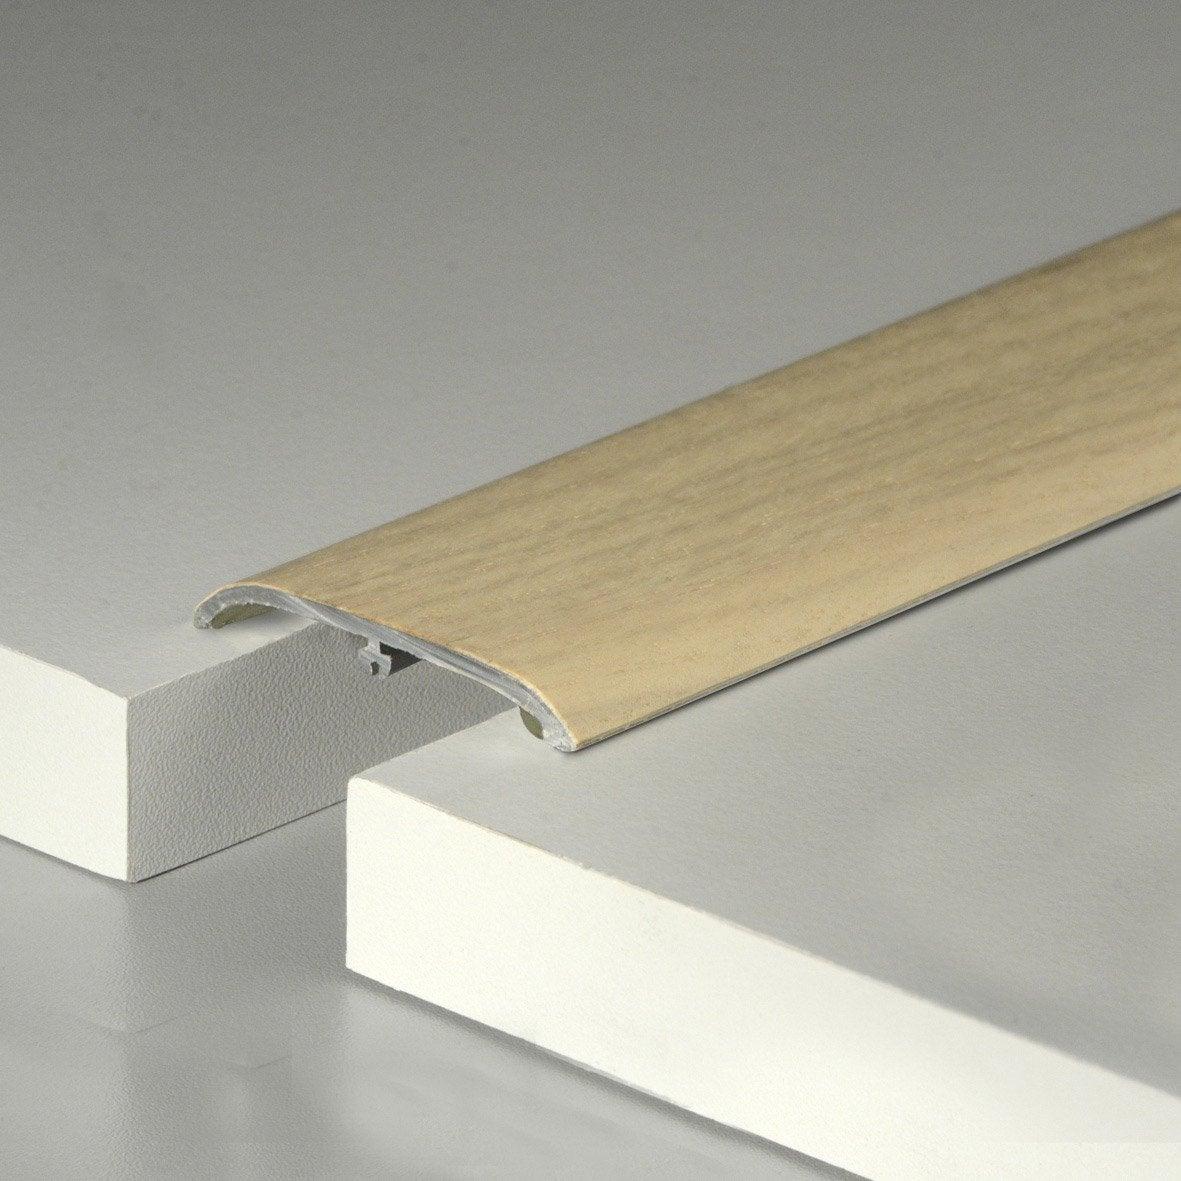 barre de seuil plaquée chêne naturel pour parquet, l.160 cm x l.47